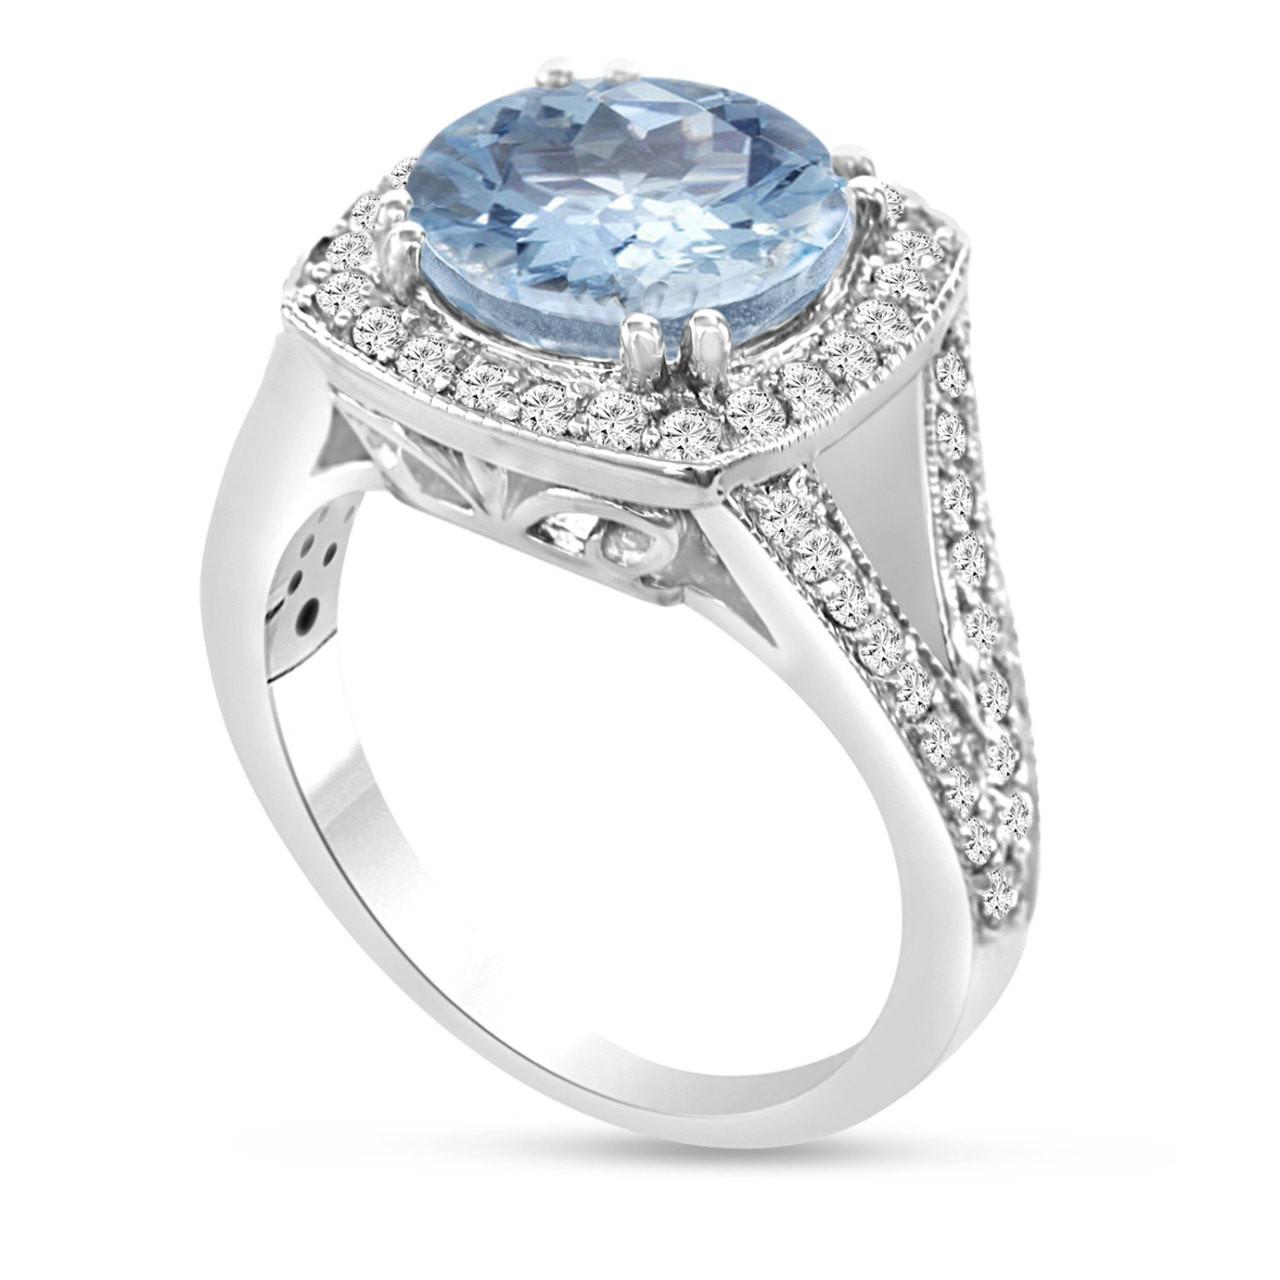 950 platinum aquamarine engagement ring 2 90